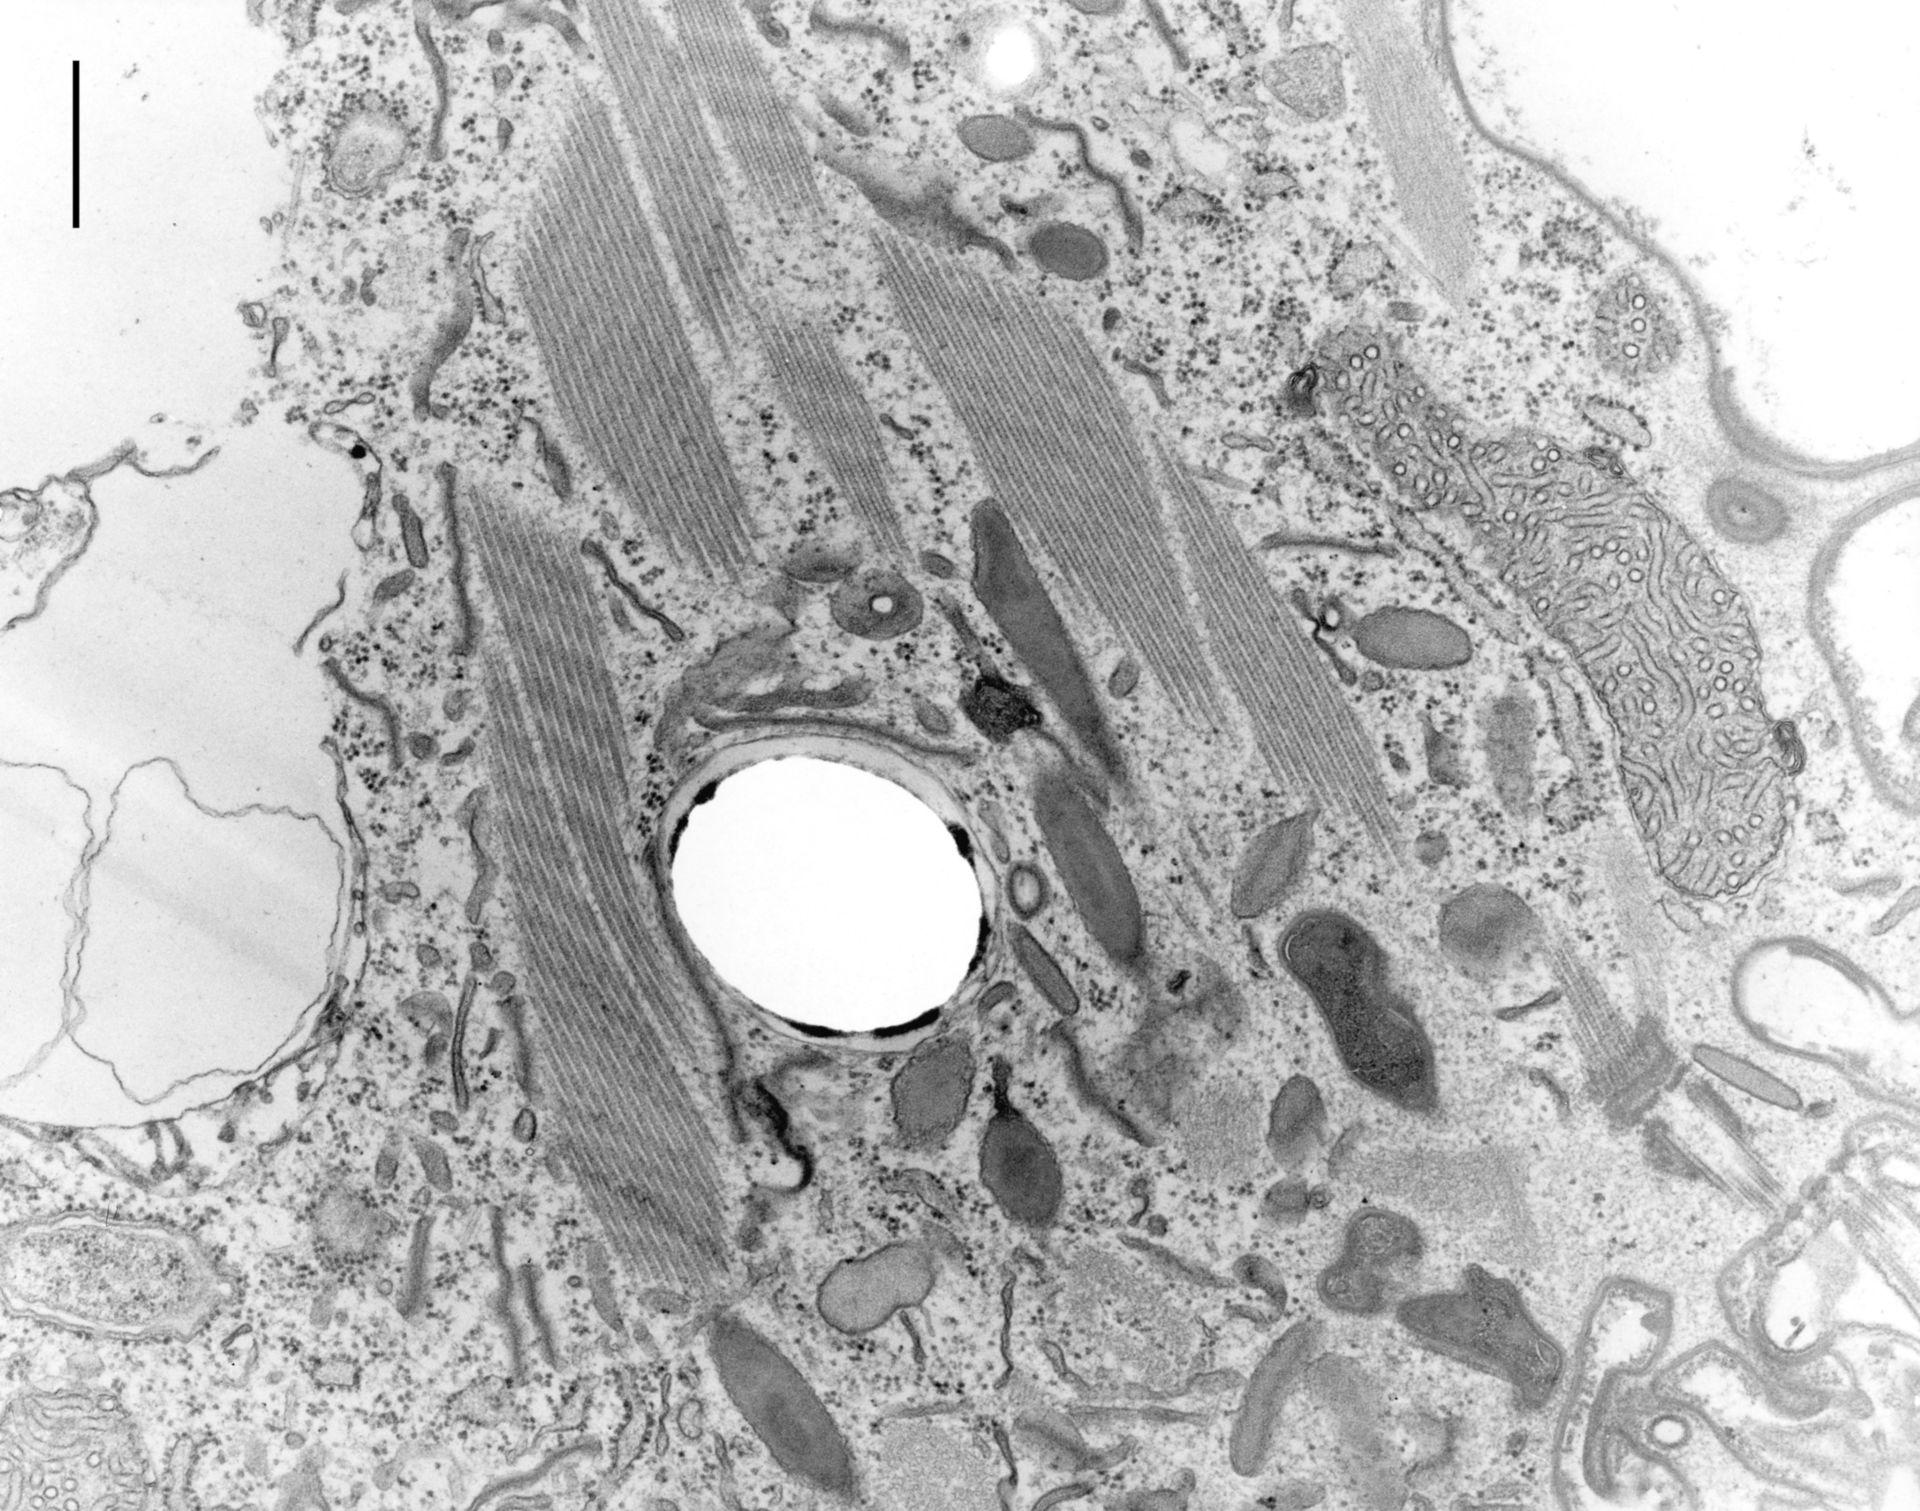 Coleps hirtus (Batteri contenenti simbiosomi) - CIL:9710